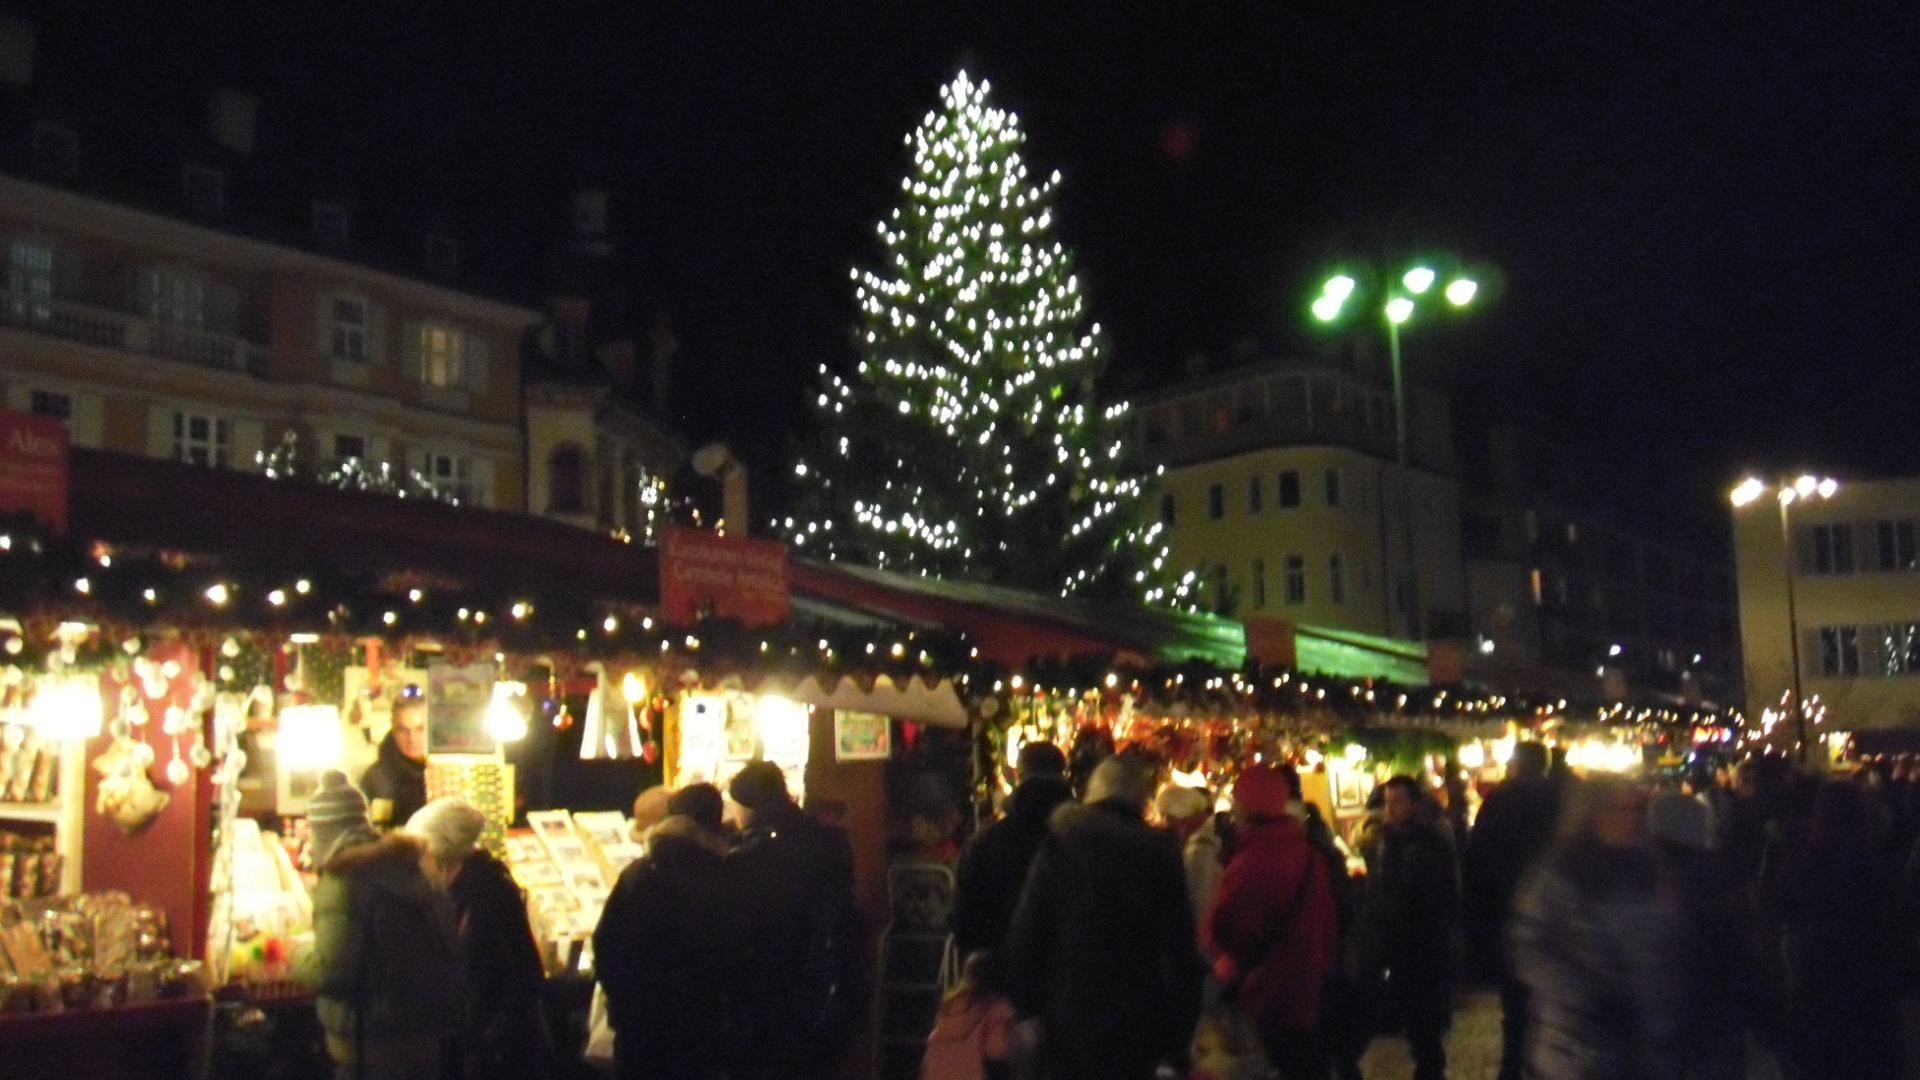 mercatino dellartigianato piazza municipio bolzano weather - photo#7